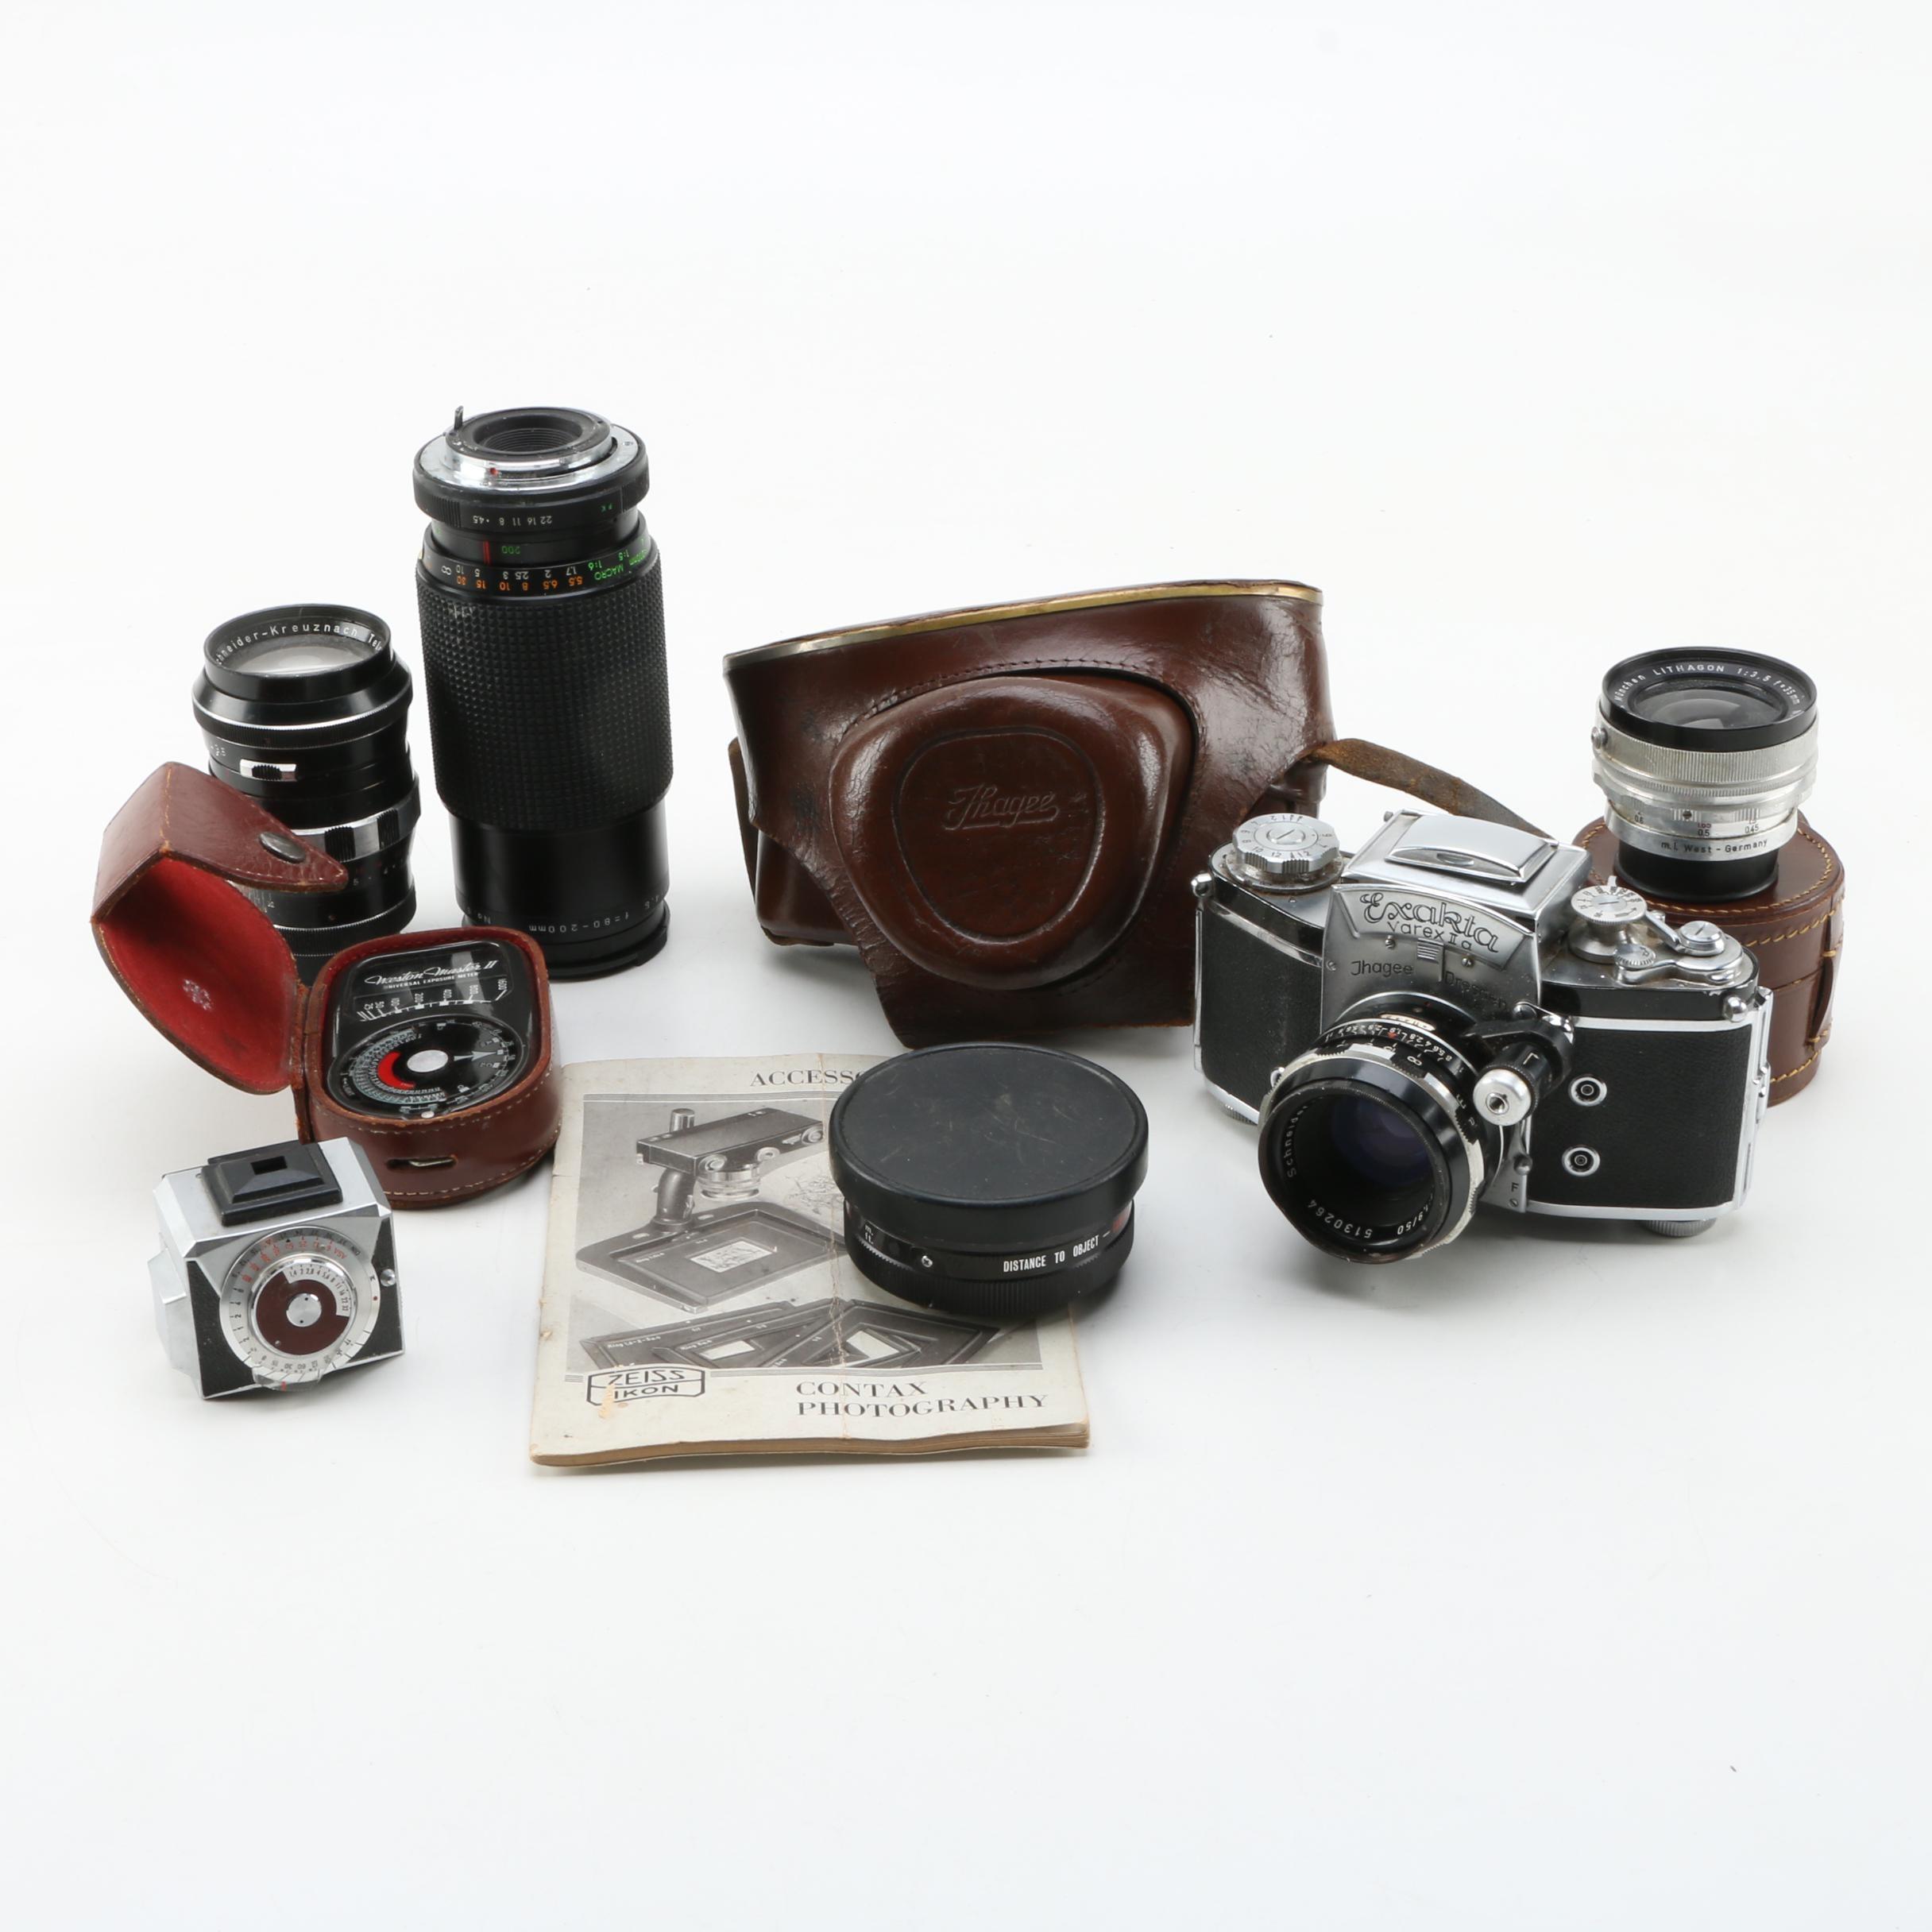 Exakta Varex II A Camera and Accessories